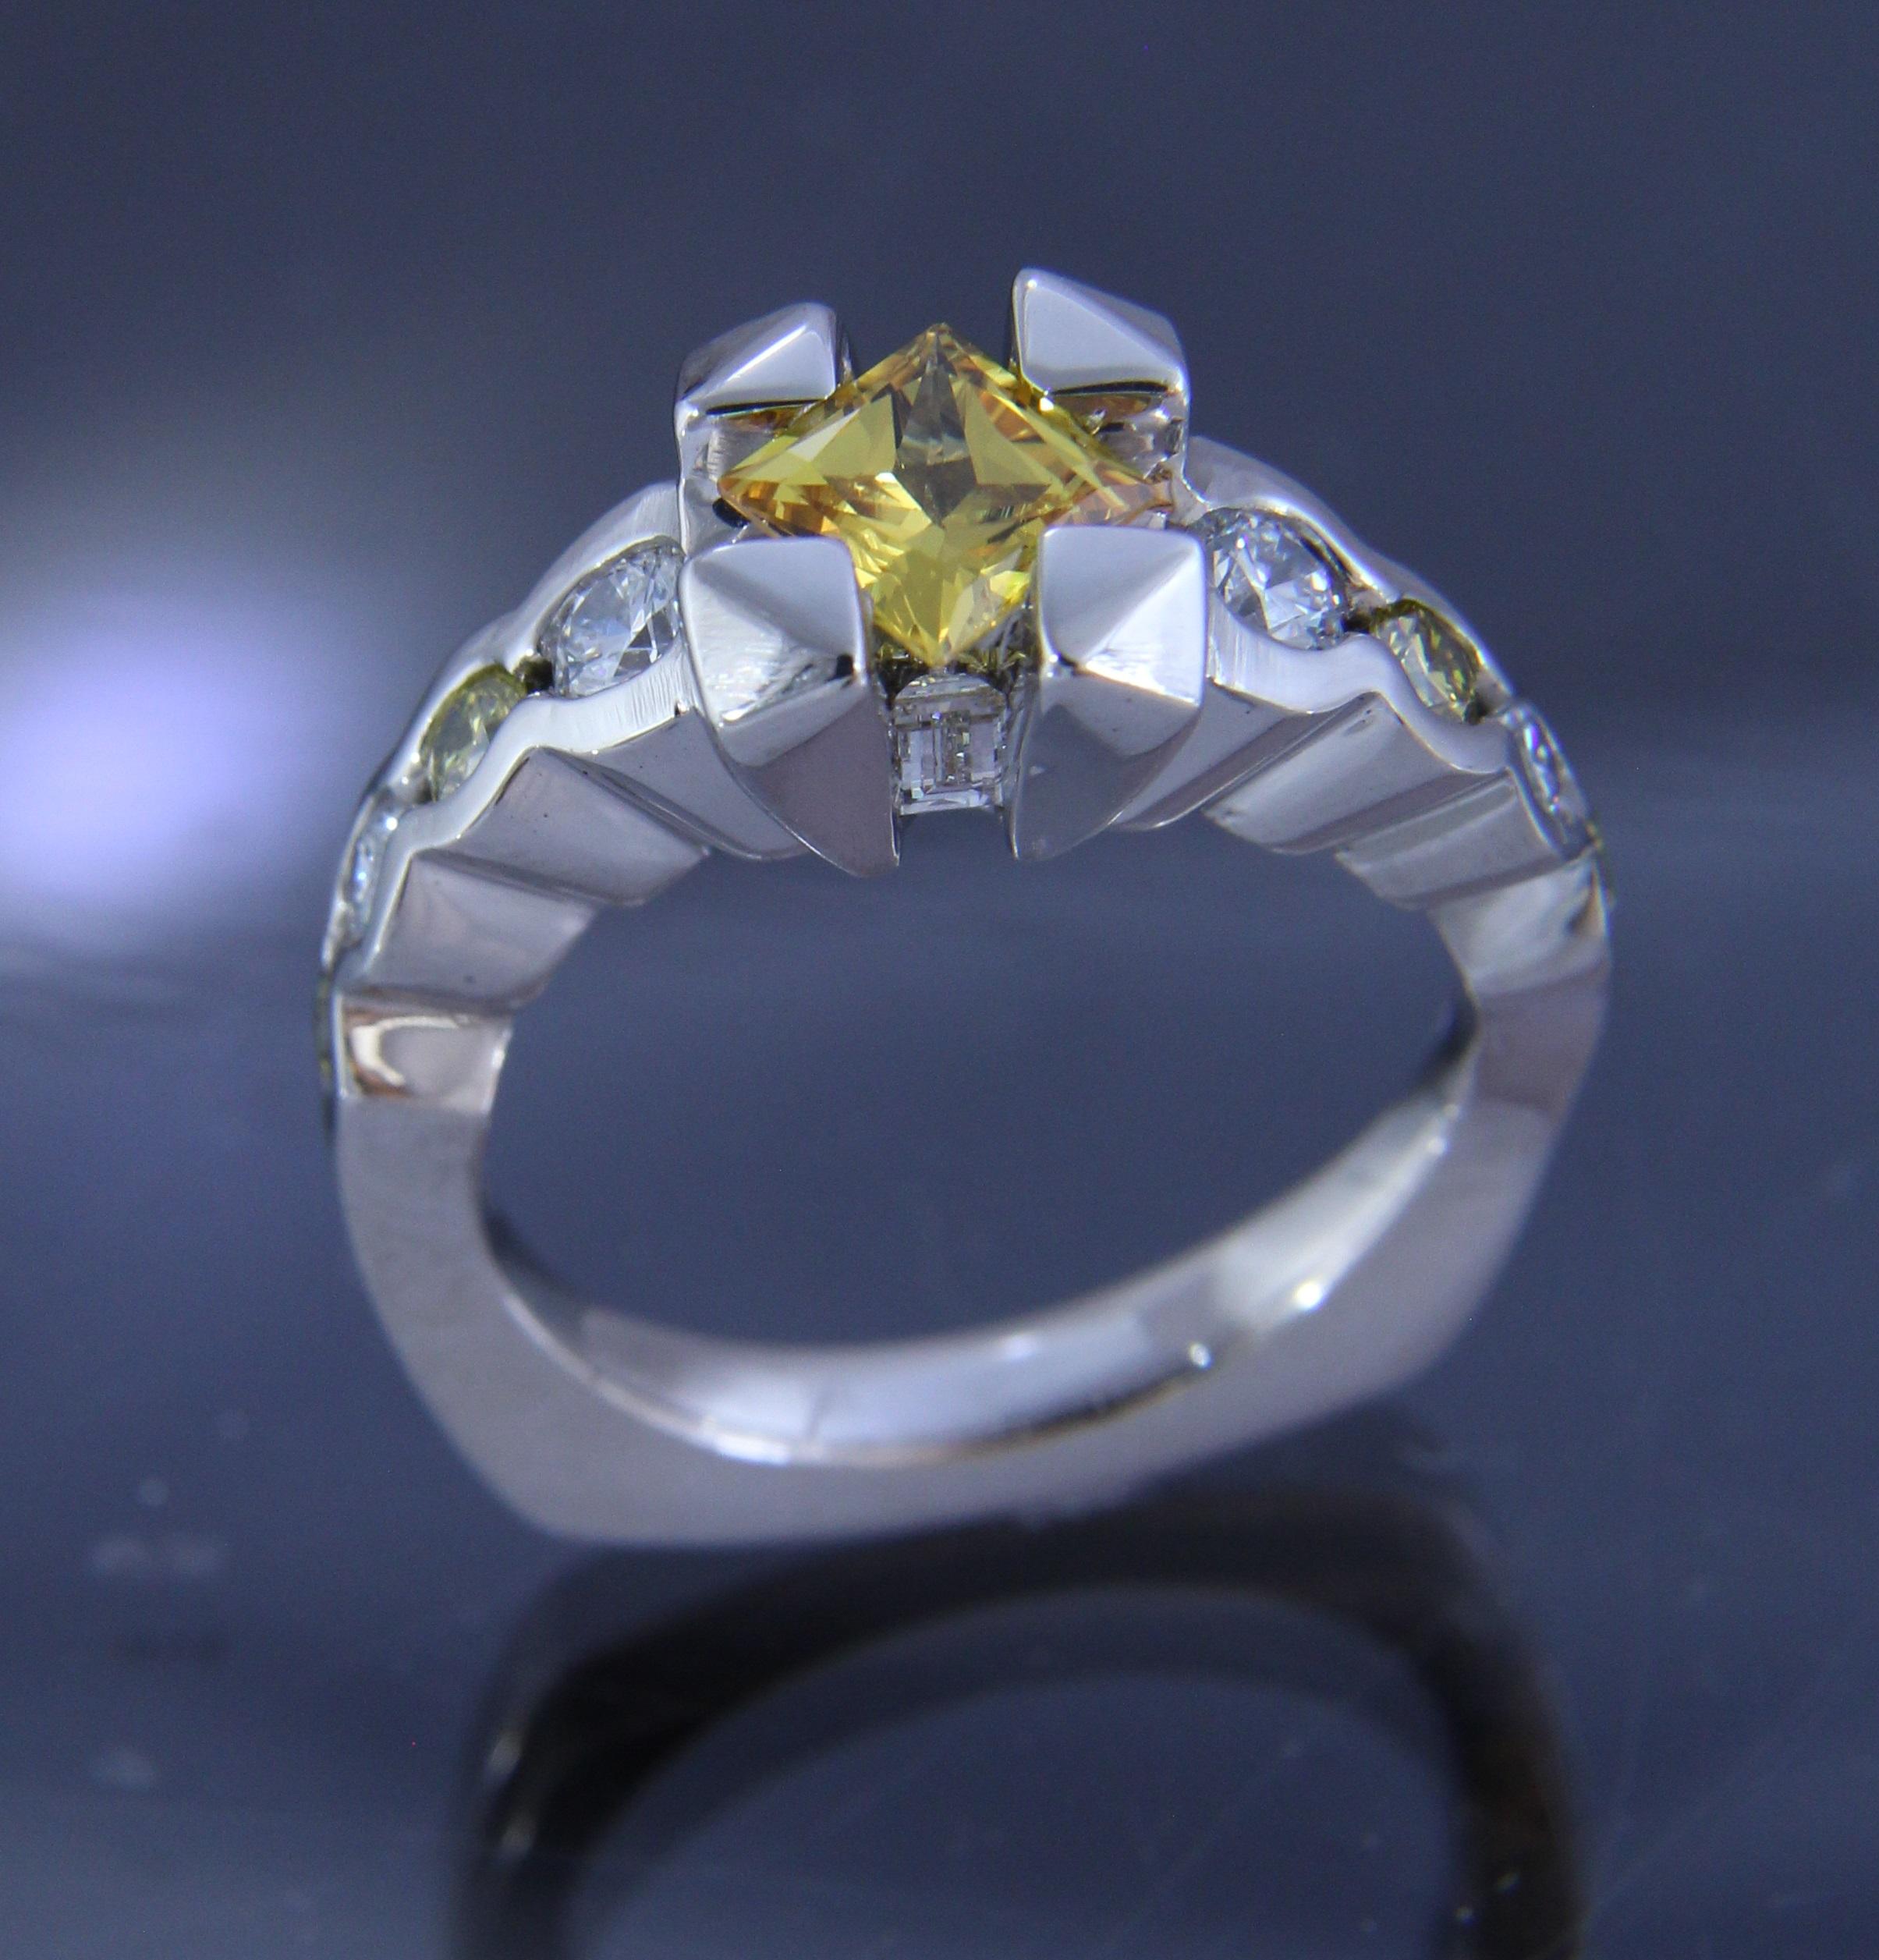 yellow sapphire natural diamonds engagement ring.jpg